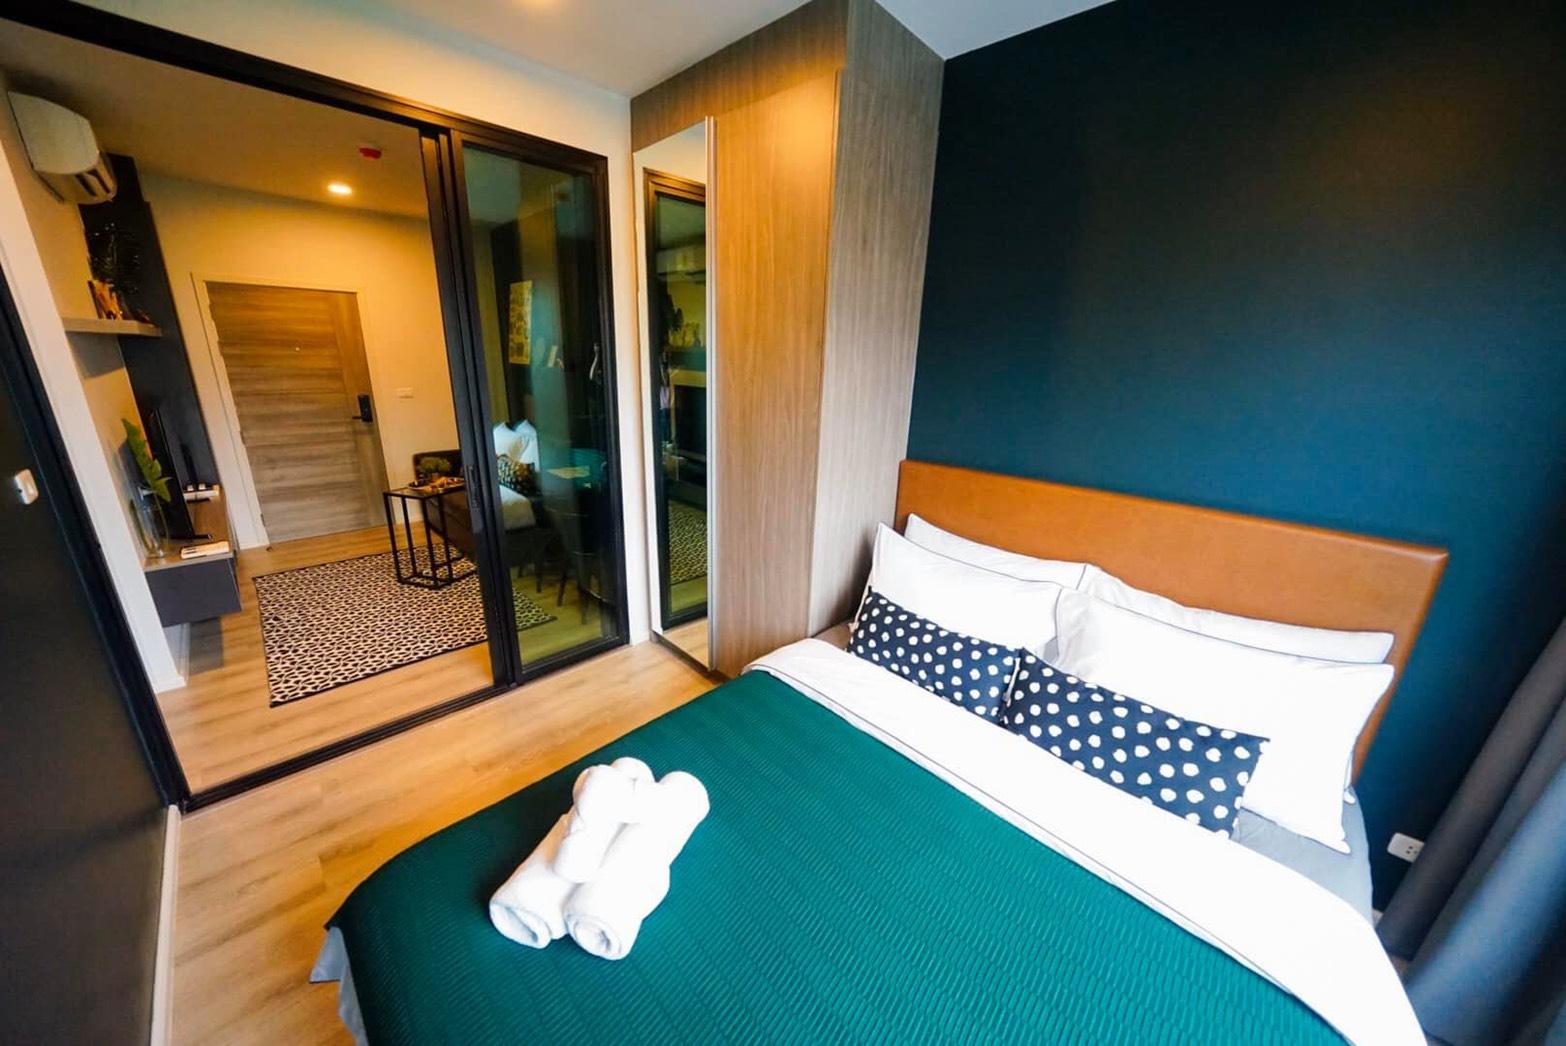 คอนโดให้เช่า น็อตติ้ง ฮิลล์ สุขุมวิท105  ซอย ลาซาล 9  บางนา บางนา 1 ห้องนอน พร้อมอยู่ ราคาถูก